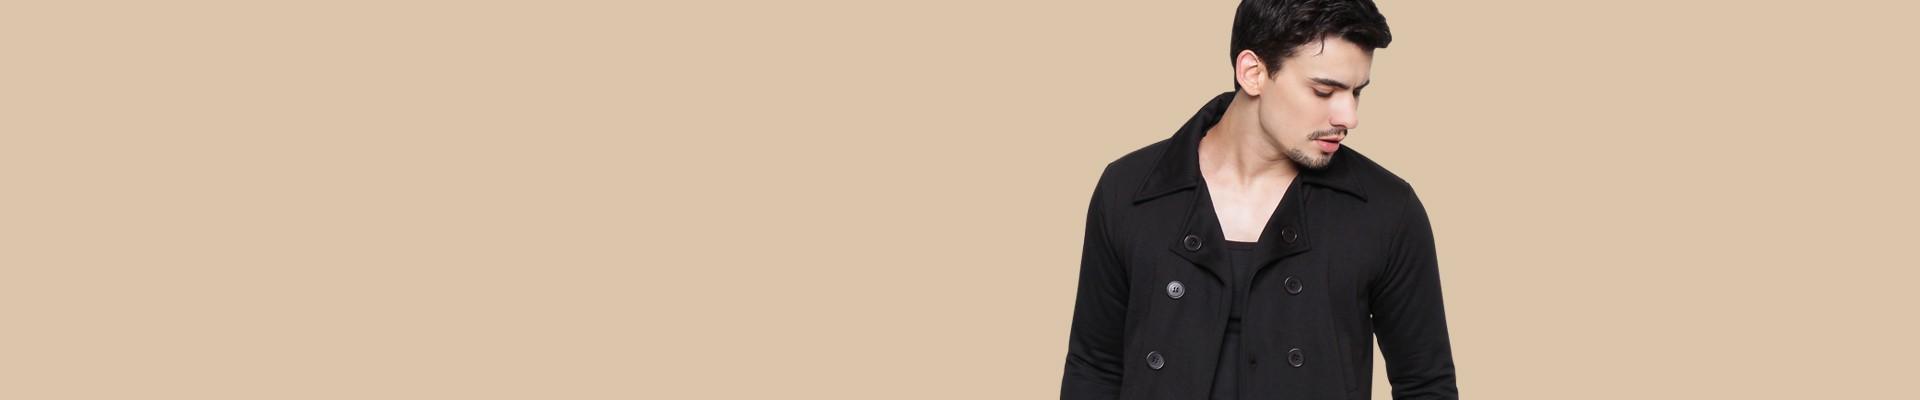 Jual Outerwear Pria Model Terbaru Harga Terbaik